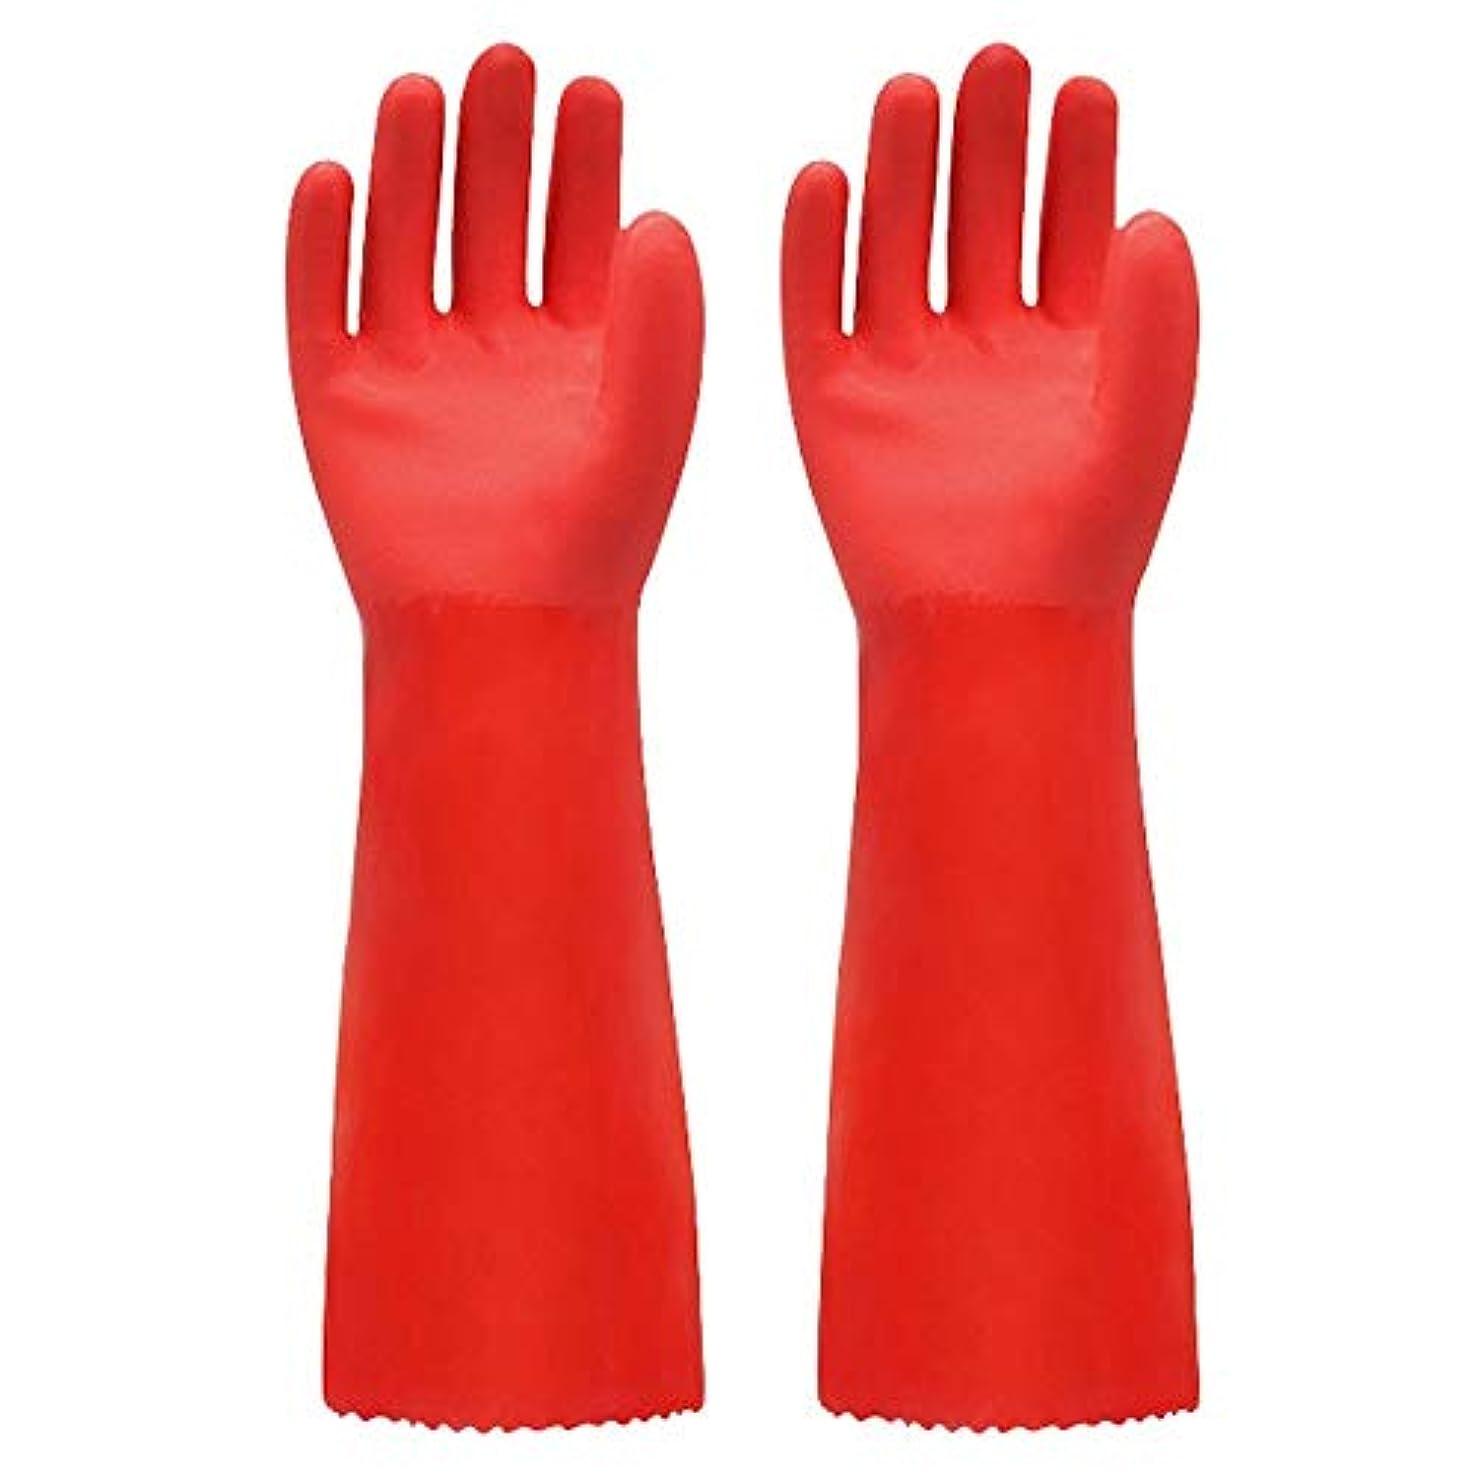 ハッチ植物の学生使い捨て手袋 ゴム手袋長く暖かいとビロードのゴム製防水と耐久性のある手袋、1ペア ニトリルゴム手袋 (Color : RED, Size : L)